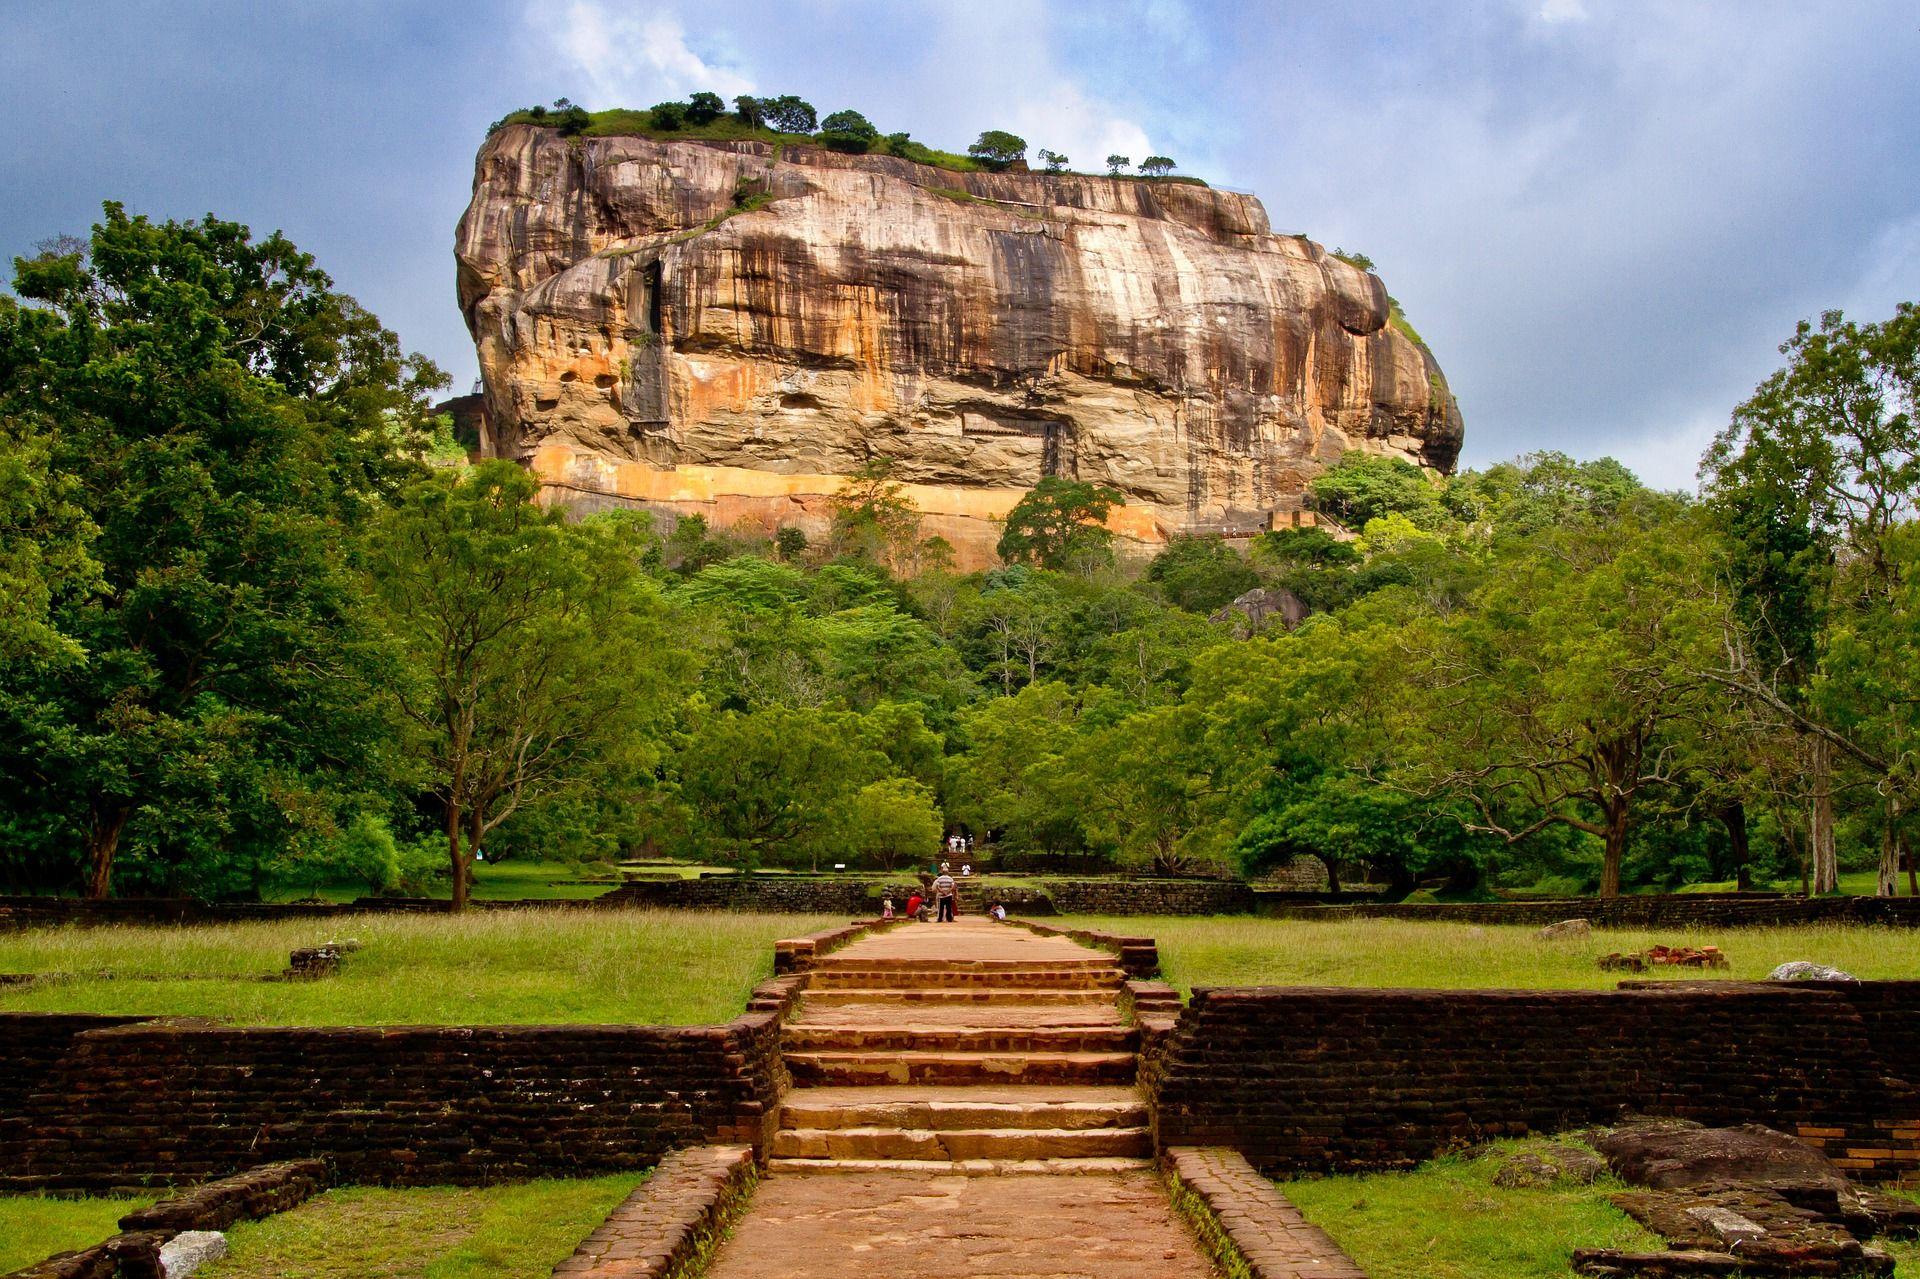 Les incontournables du Sri Lanka, 11 jours / 08 nuits, départs garantis à partir de 02 participants